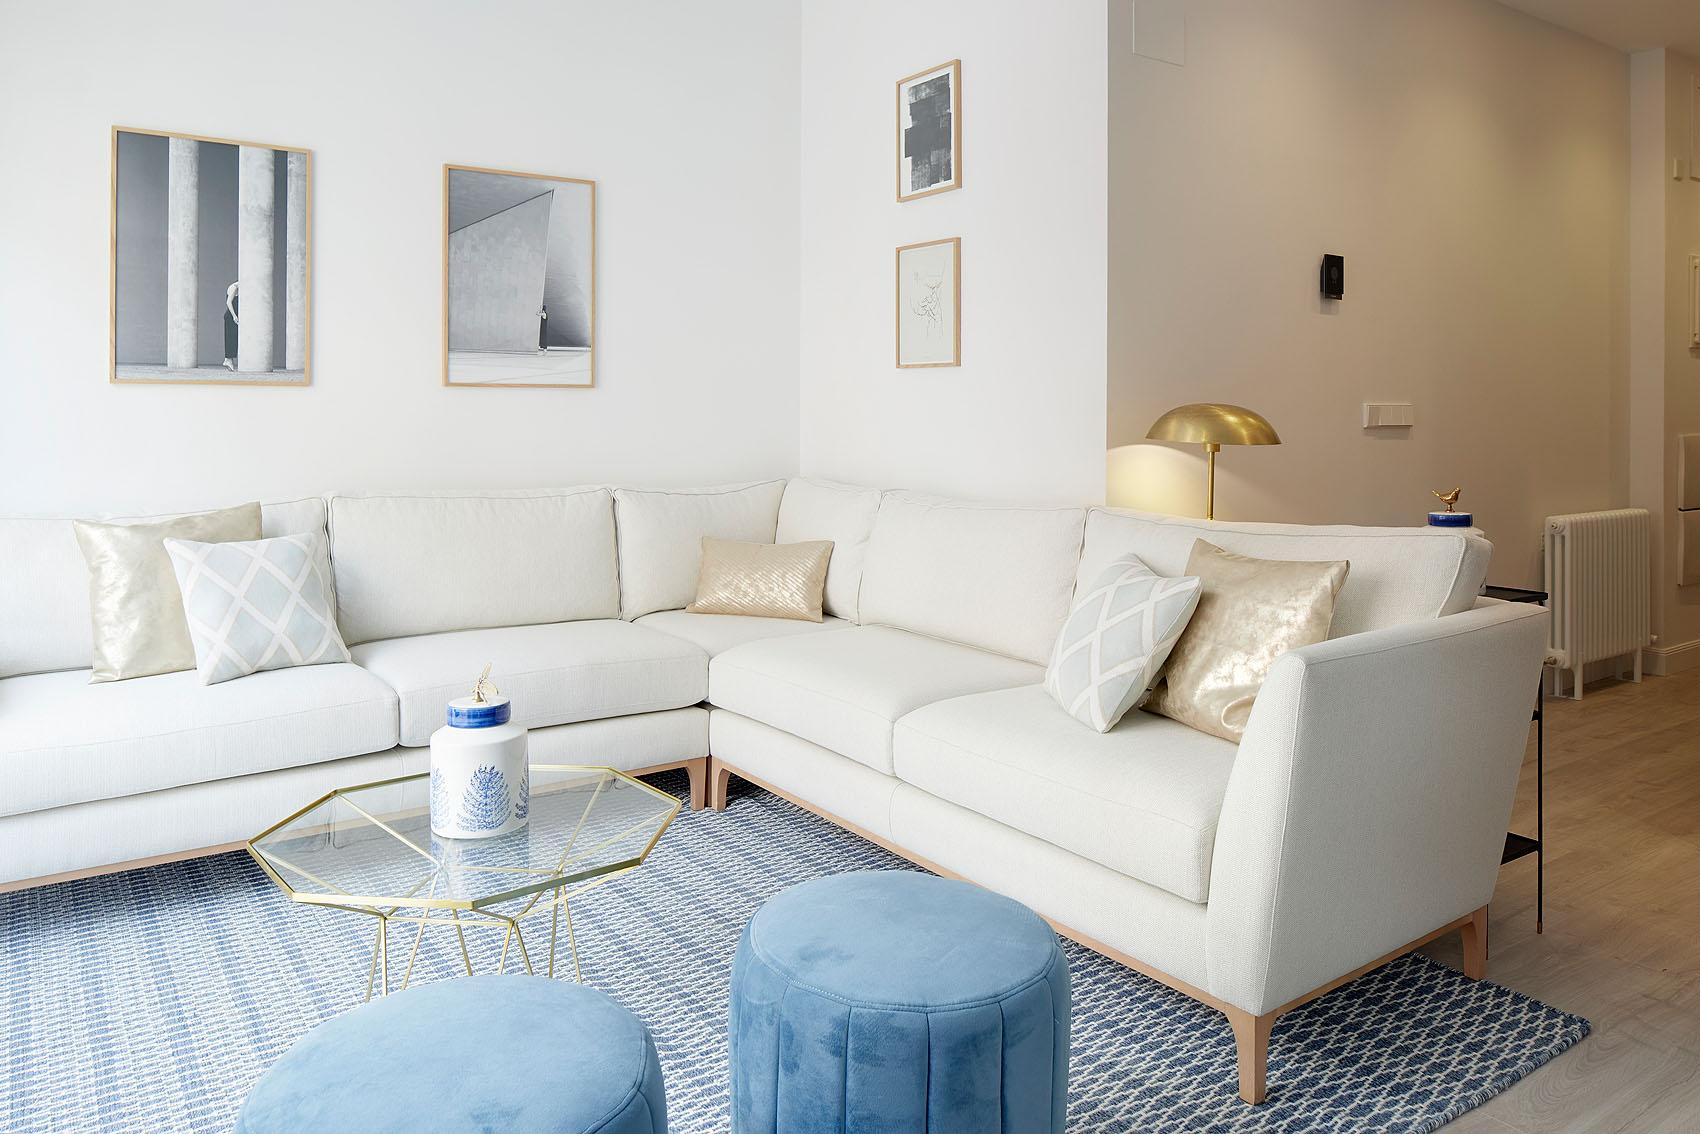 Apartamento en el centro - Iñaki Caperochipi - Fotografía